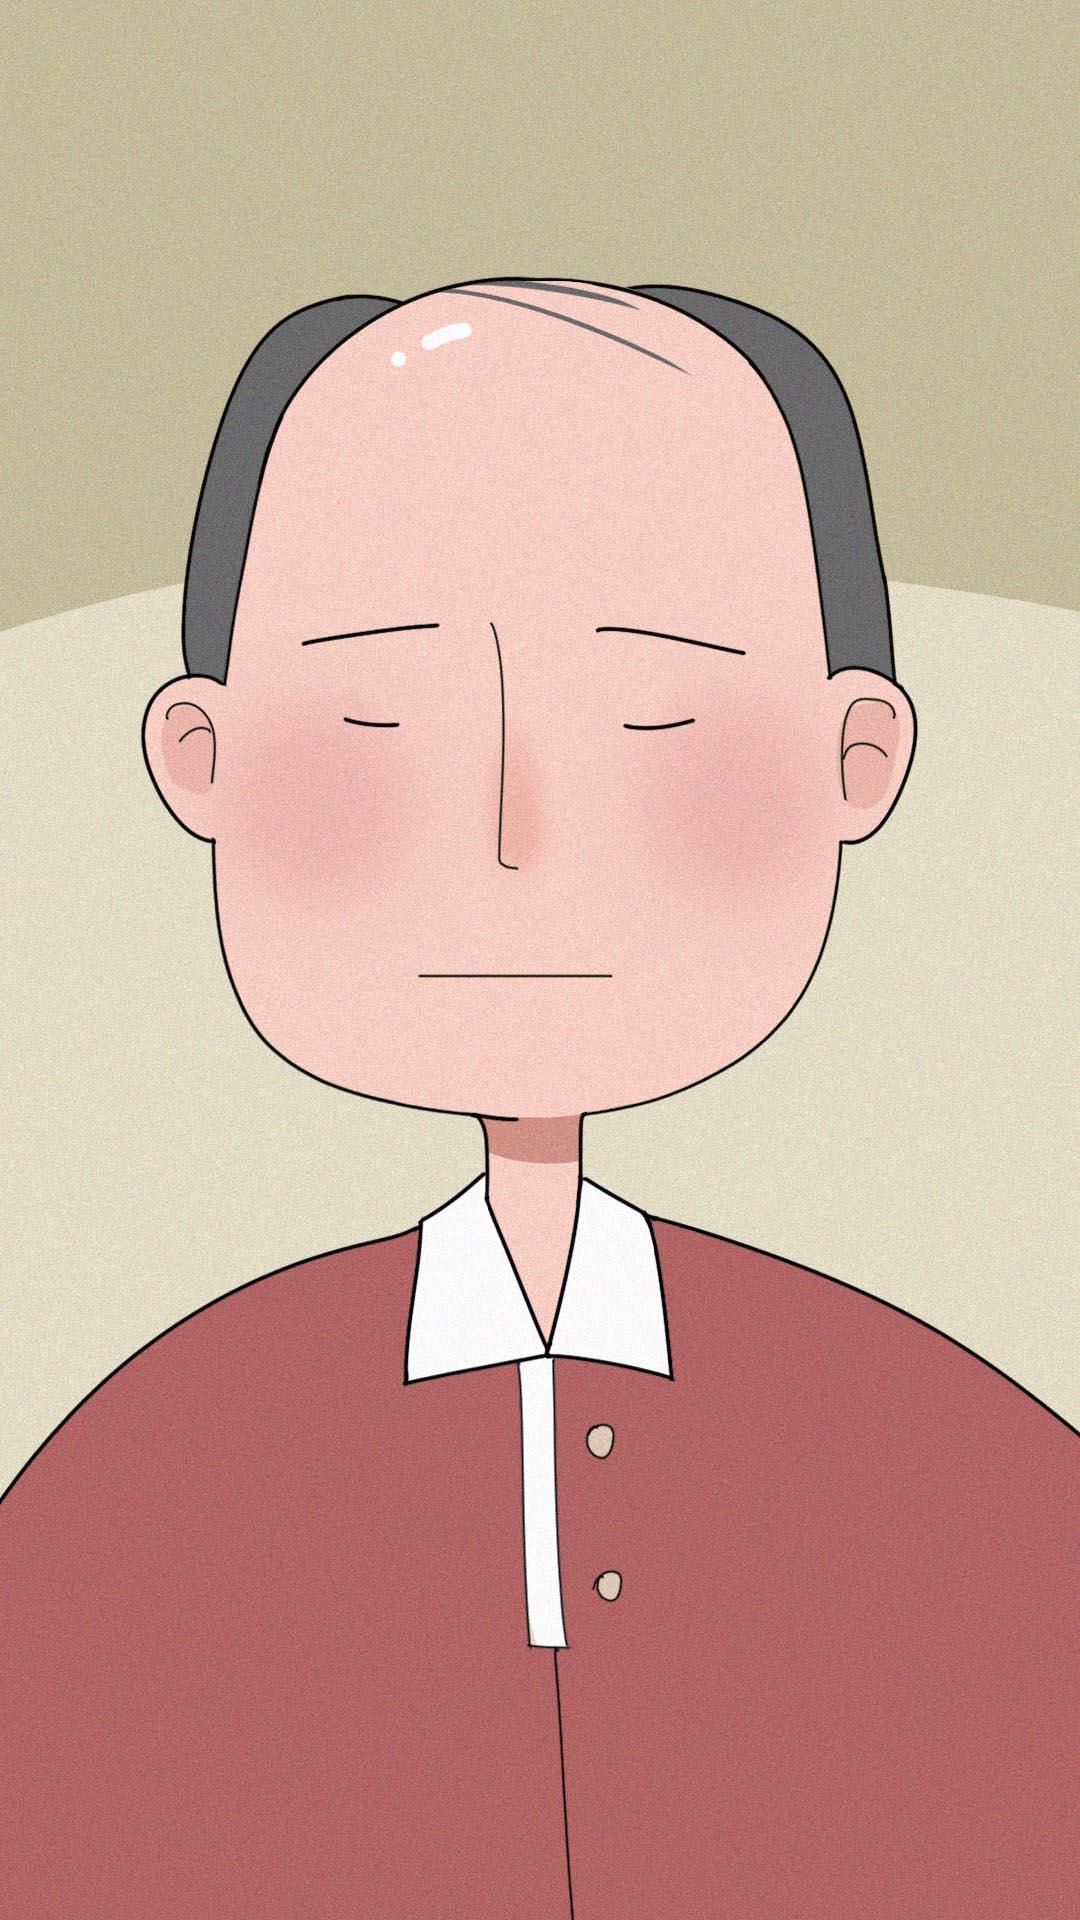 眉毛稀少怎么种植眉毛?